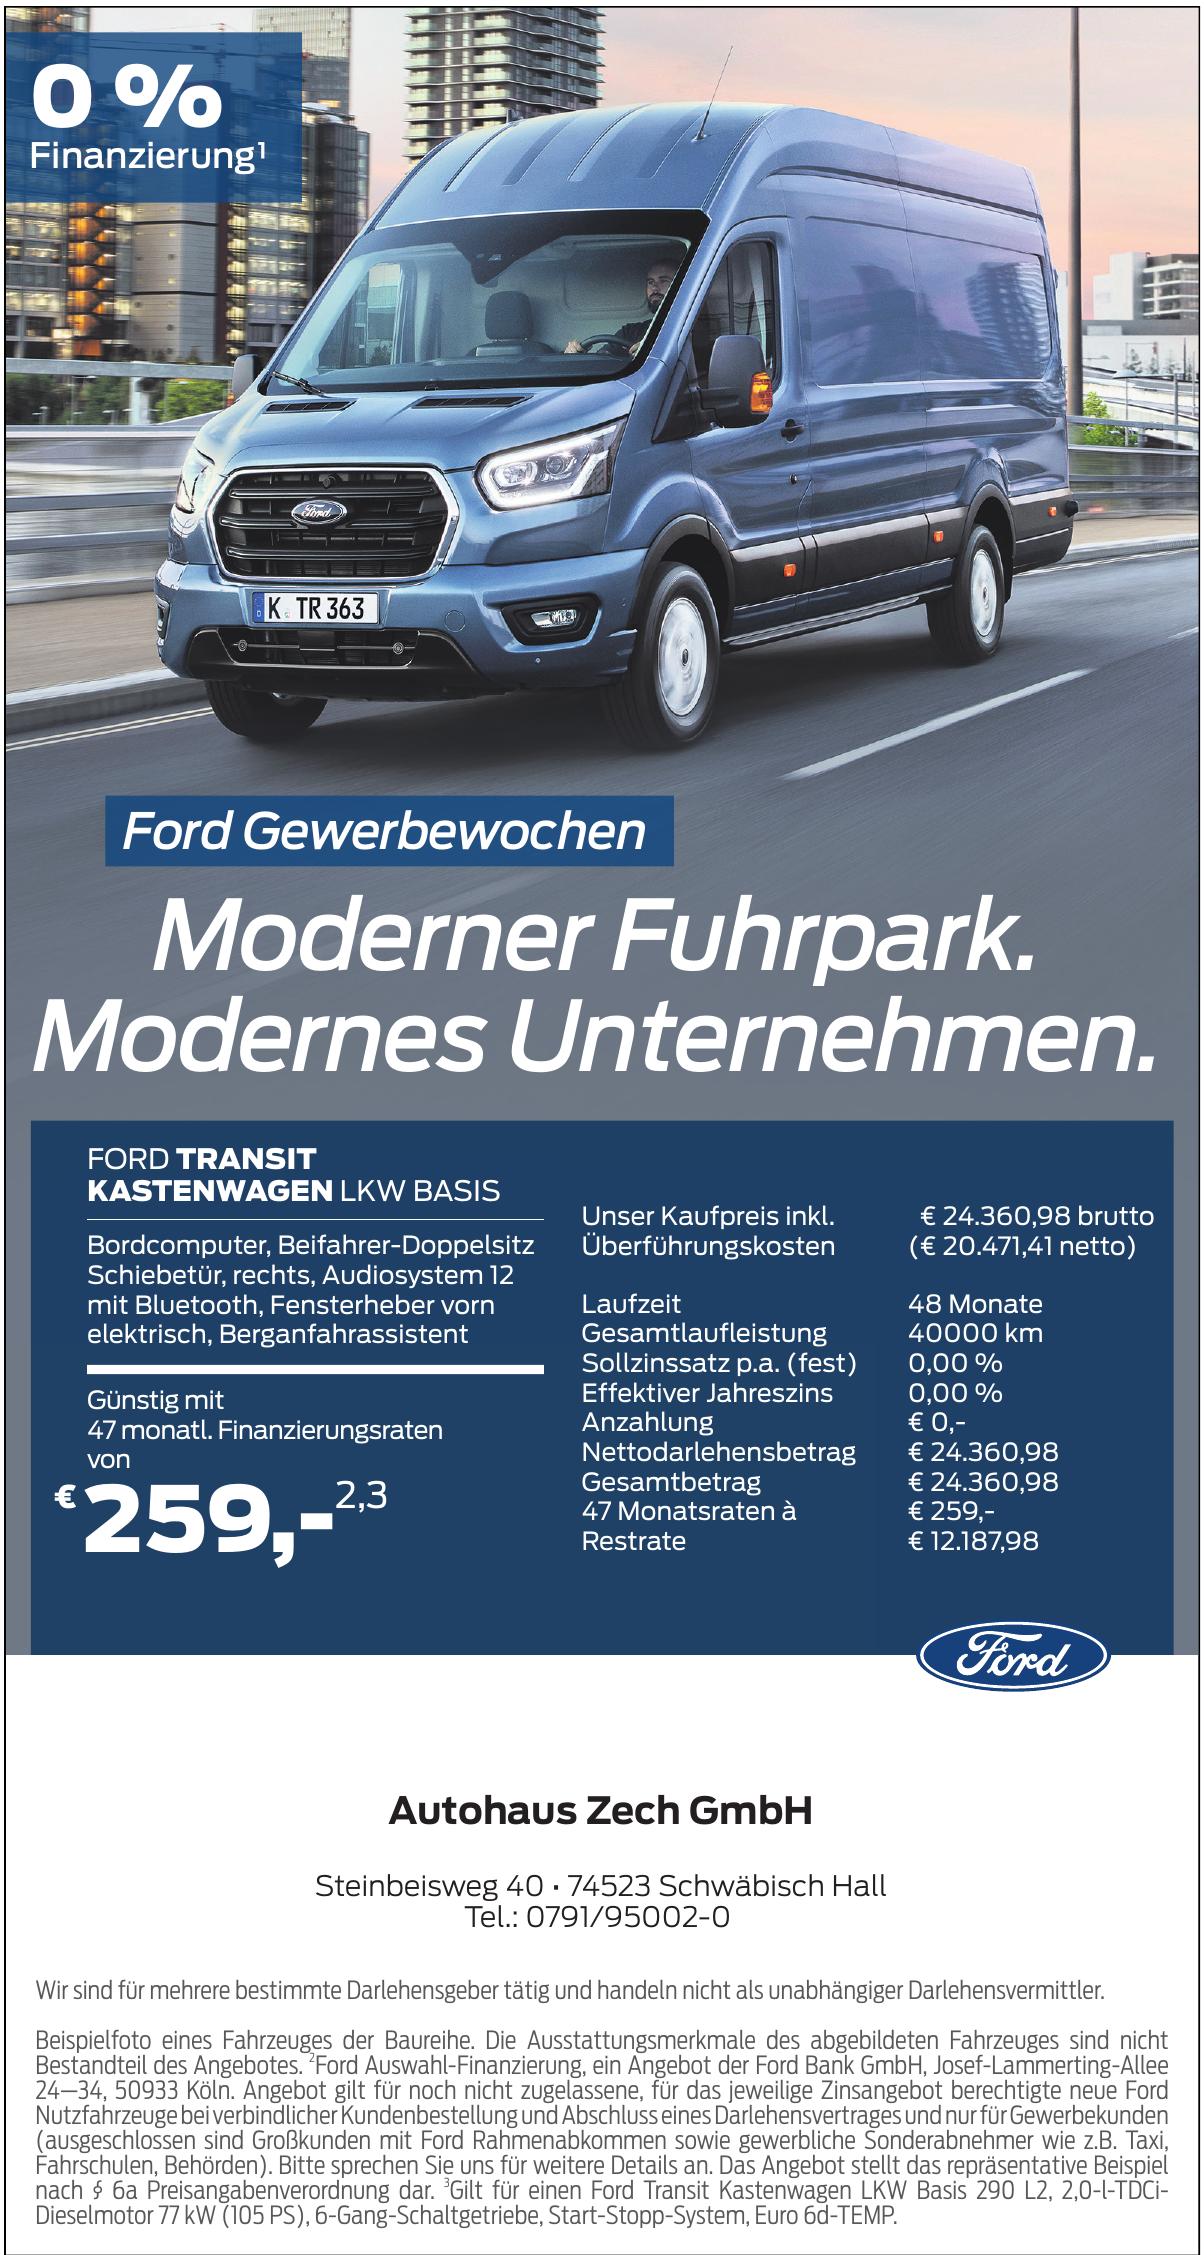 Autohaus Zech GmbH